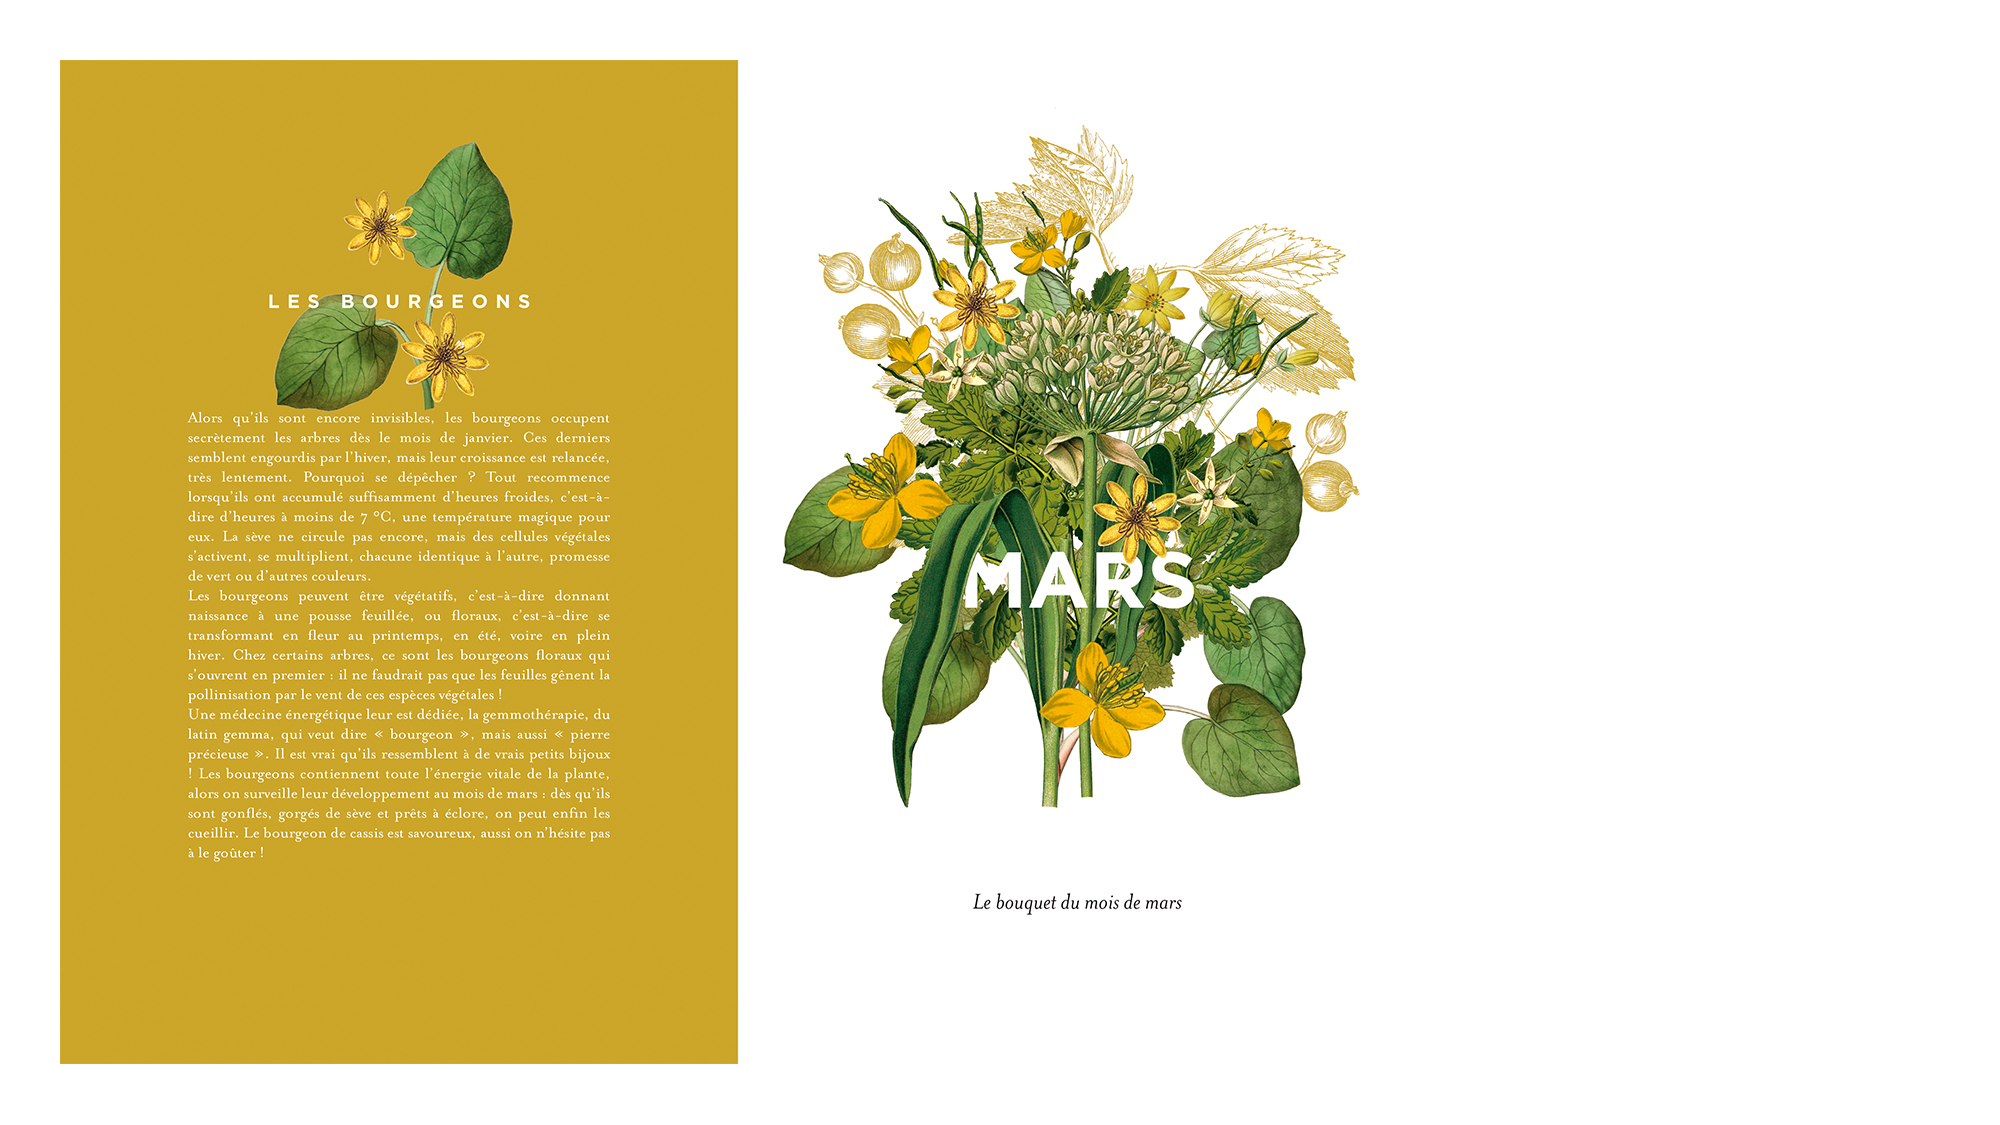 trc_agenda-herbier_mars_stil